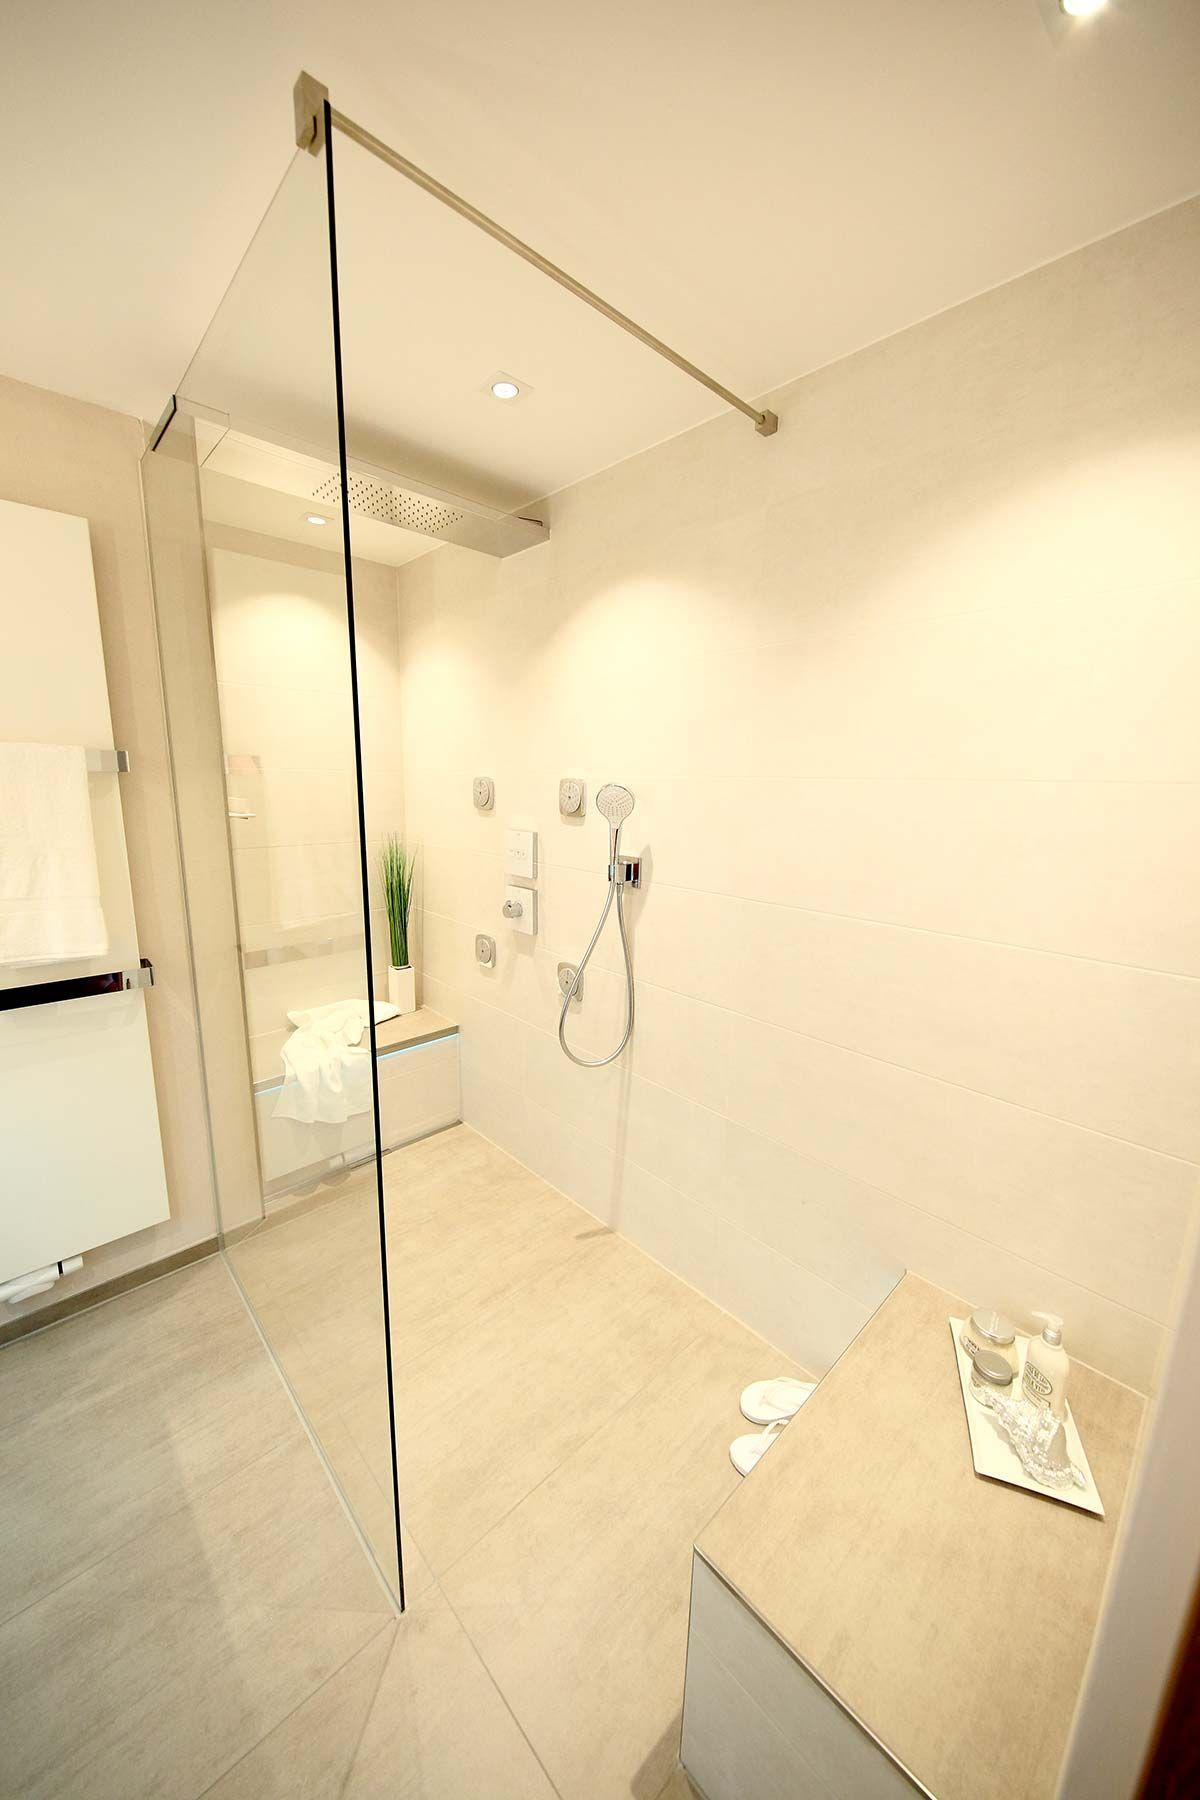 Badezimmer ideen für kinder bodenebene walkindusche mit sich gegenüberliegenden sitzbänken